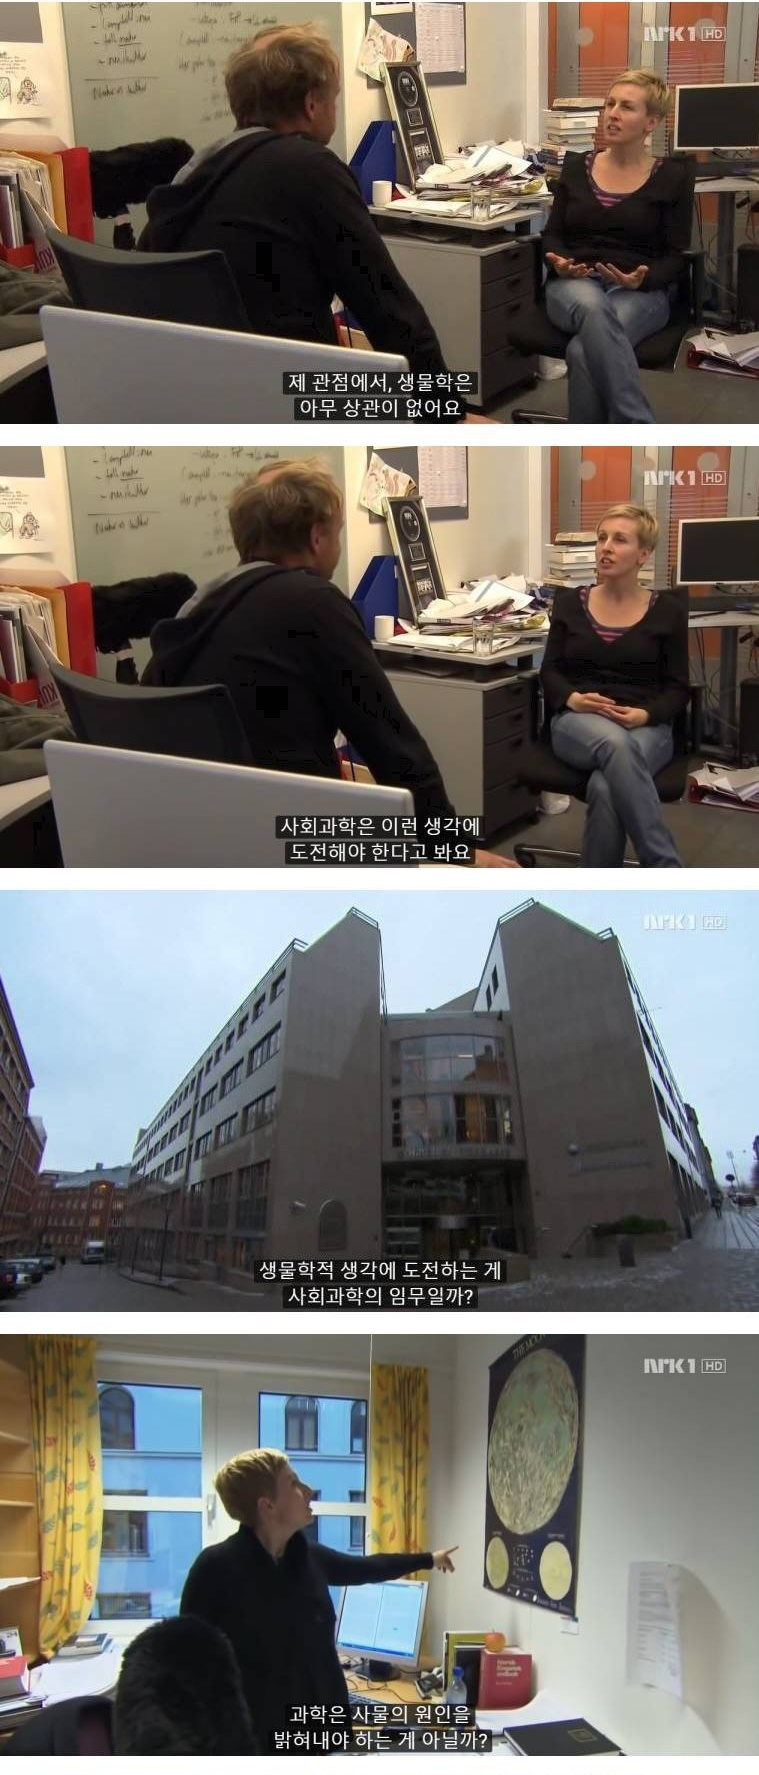 성평등 지수 1위 노르웨이의 남녀 차이 - 꾸르